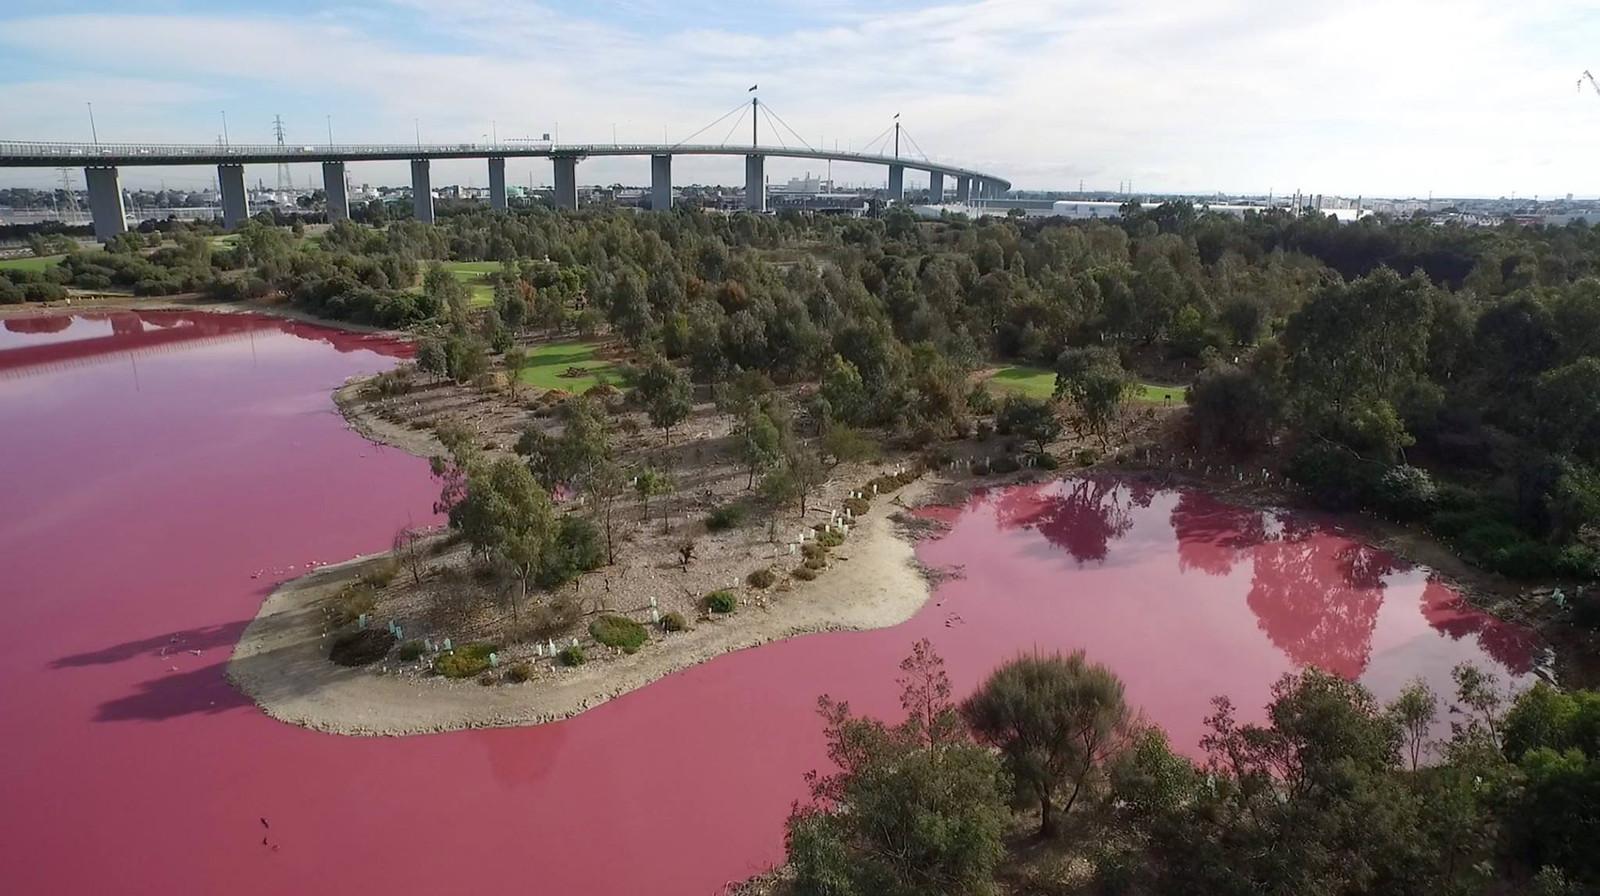 Een Australisch meer is roze gekleurd door natuurlijke redenen.